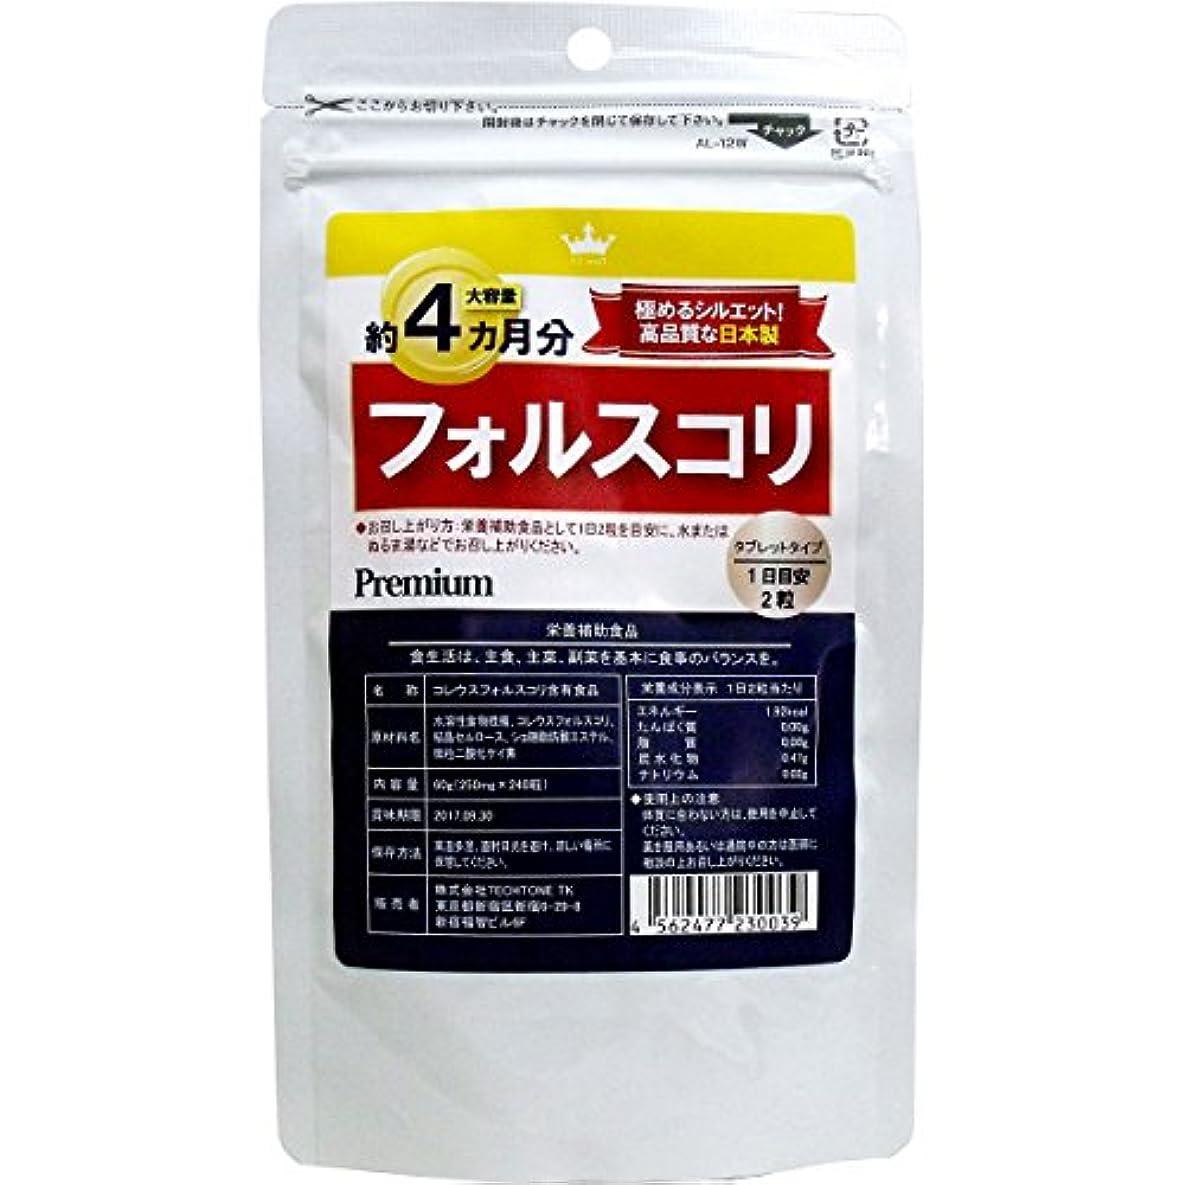 キャンセル元に戻すロープサプリ 高品質な日本製 話題の フォルスコリ 約4カ月分 240粒入【4個セット】